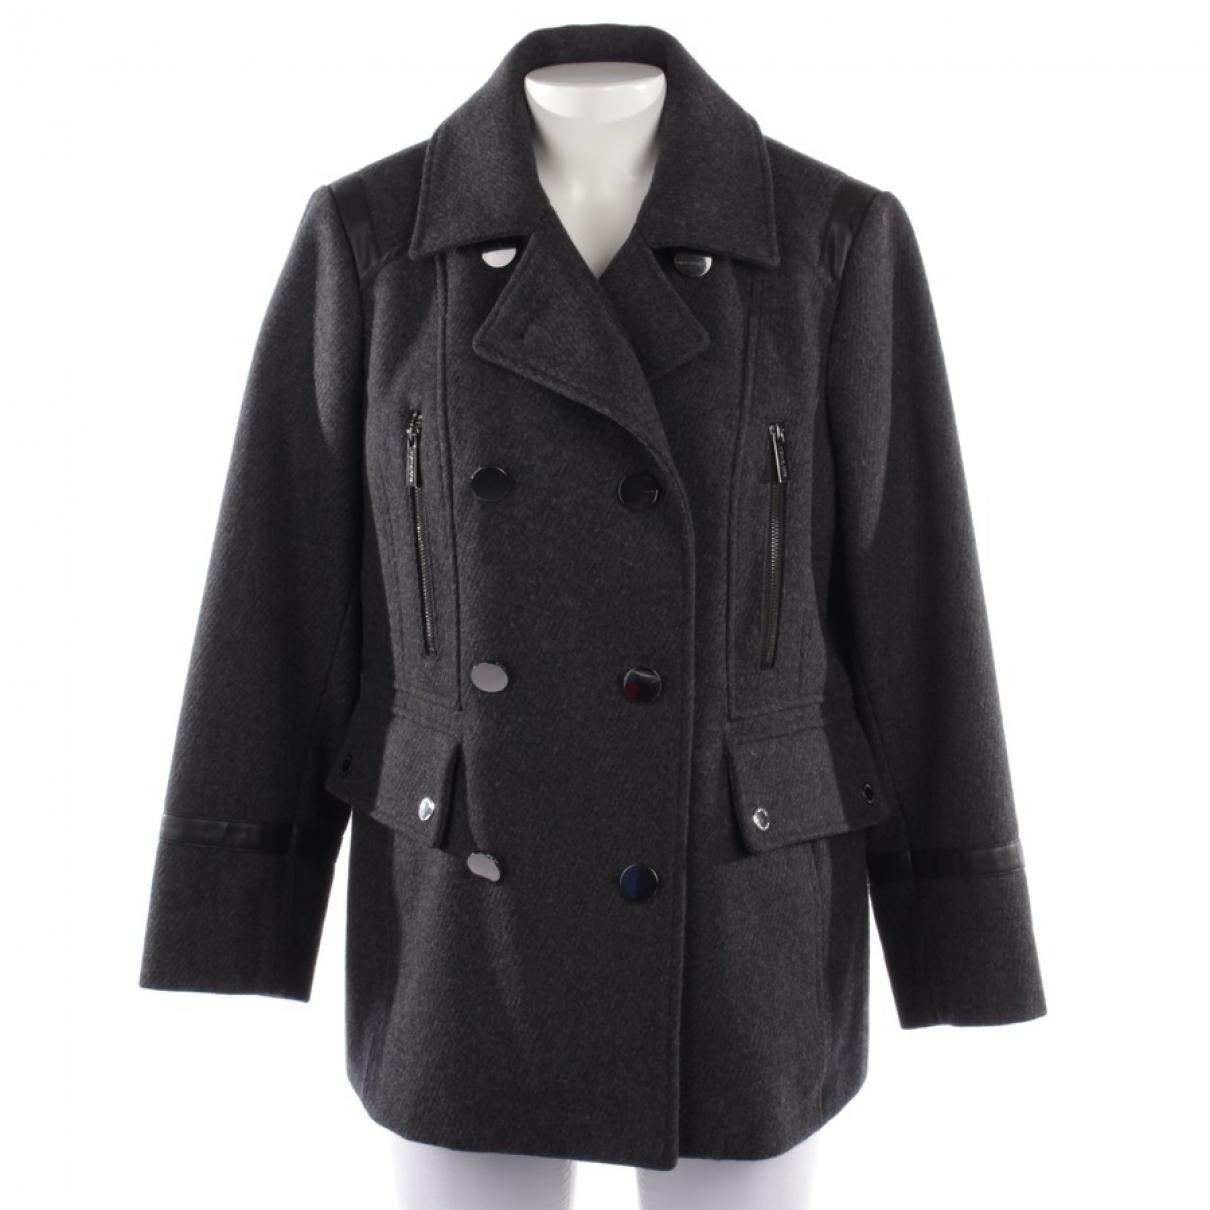 Michael Kors - Manteau   pour femme en laine - gris